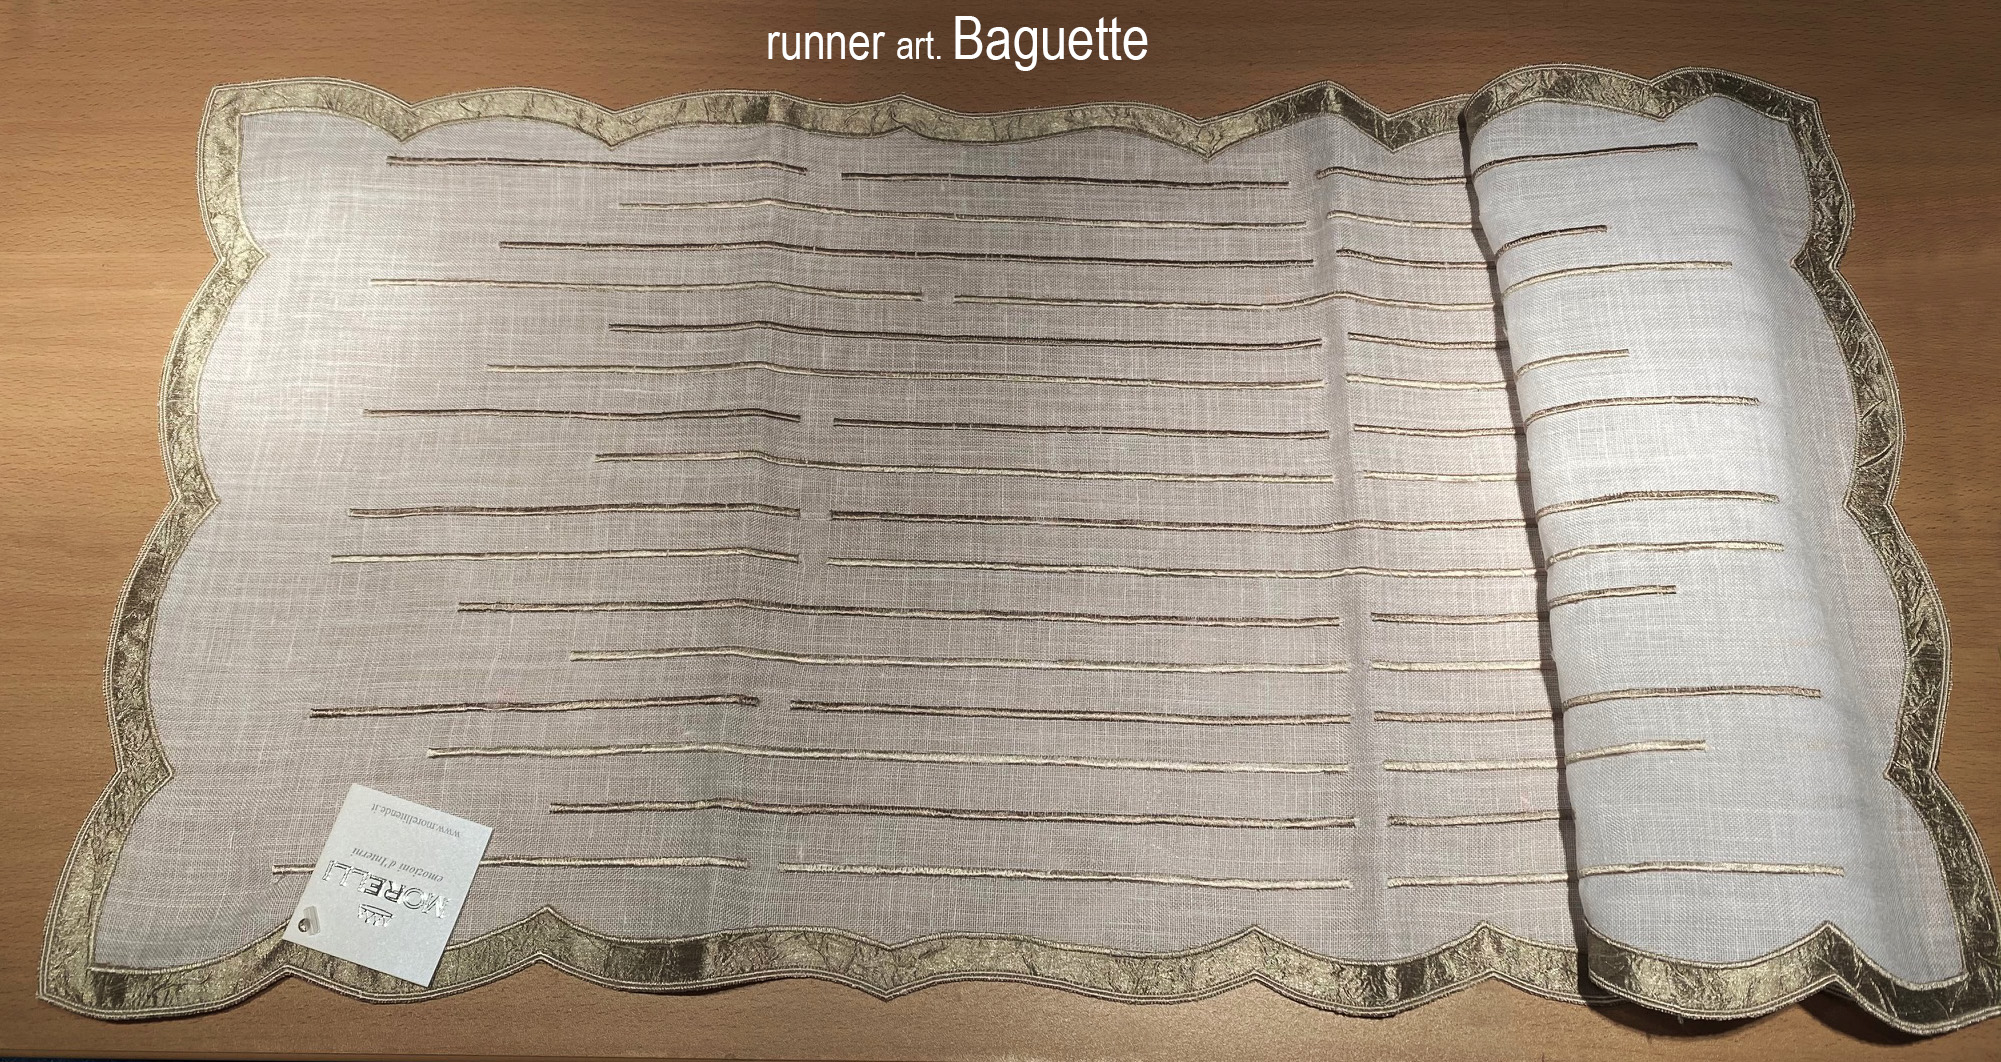 09 Baguette